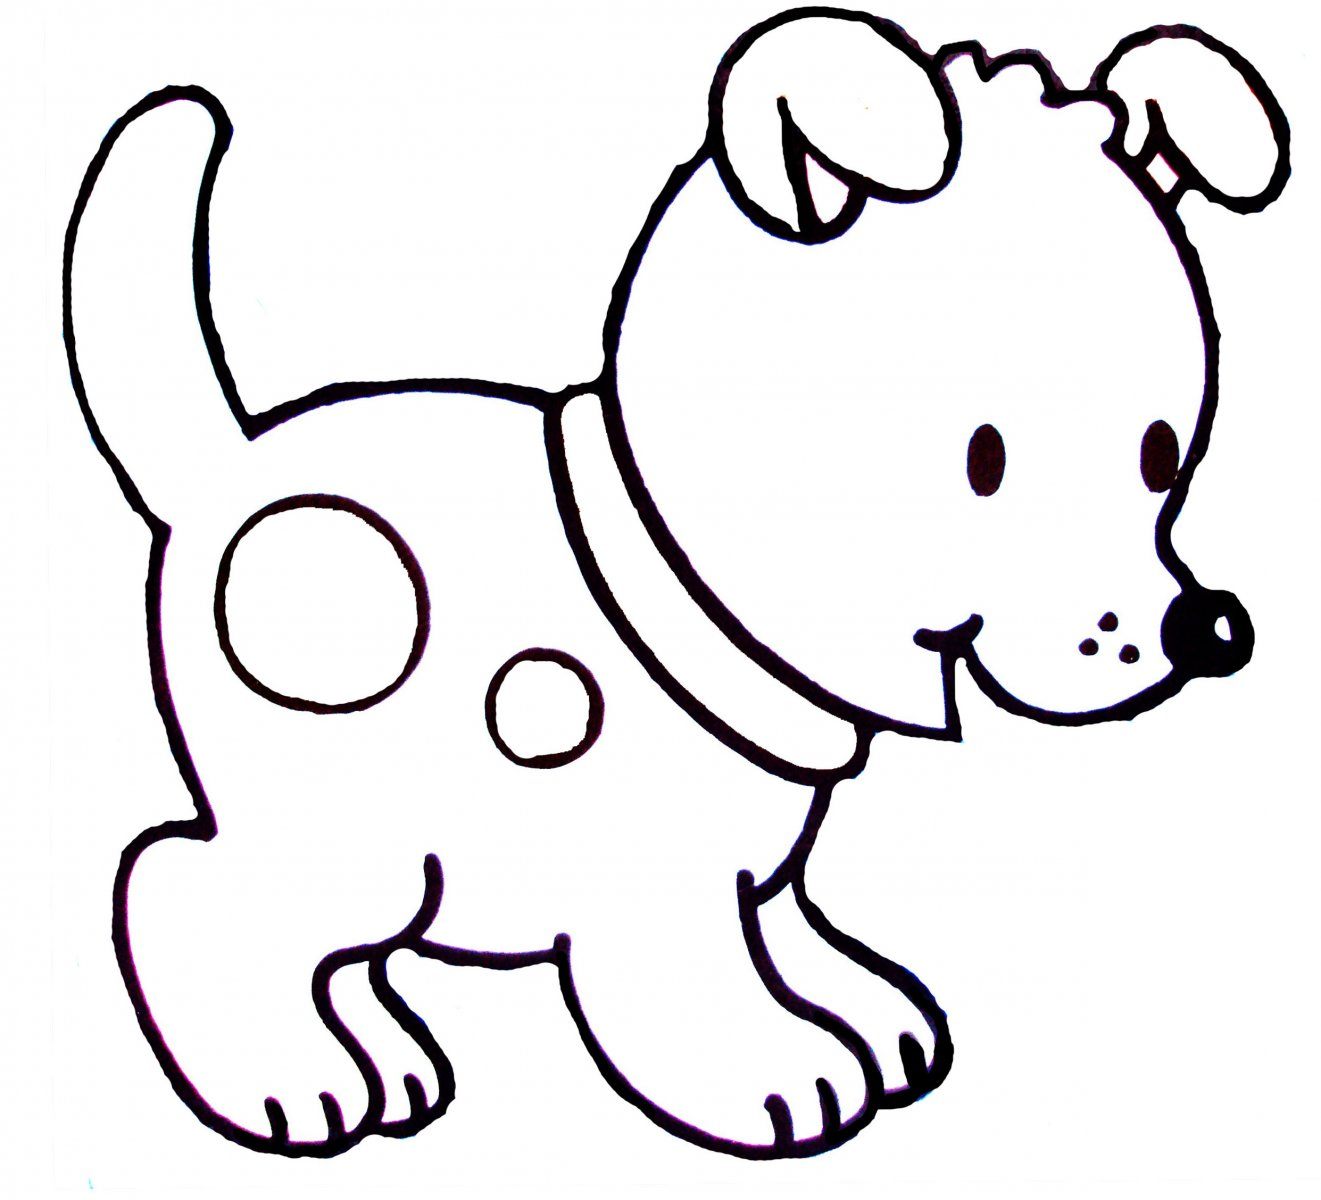 Dibujos De Perros Para Pintar Dibujos De Perros Para Colorear